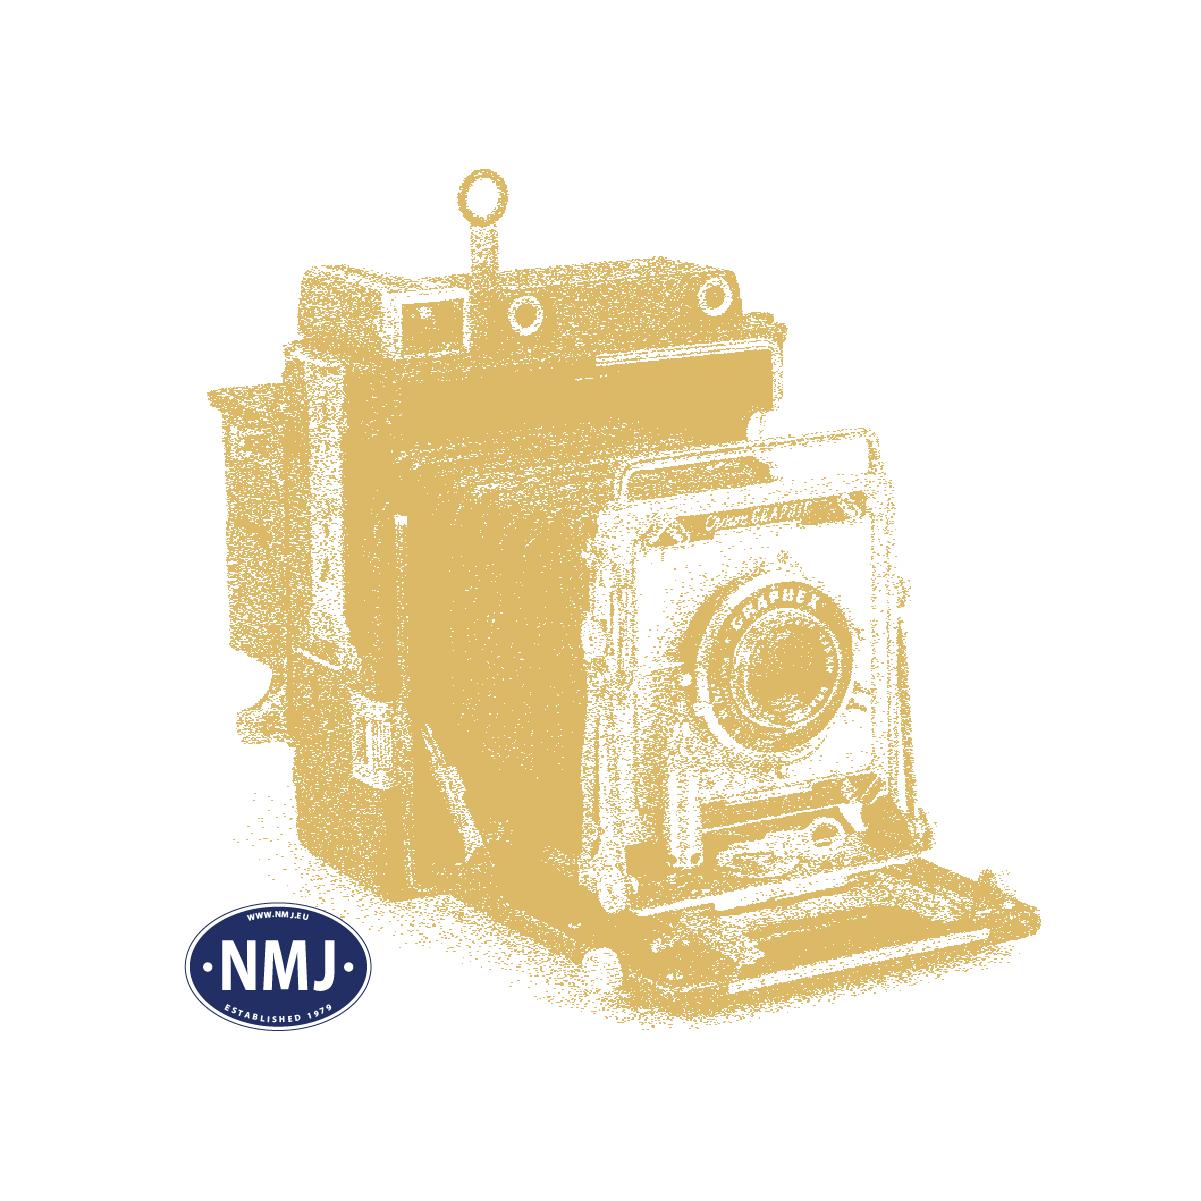 NMJT80.203 - NMJ Topline NSB EL17.2231, serie 2. DC